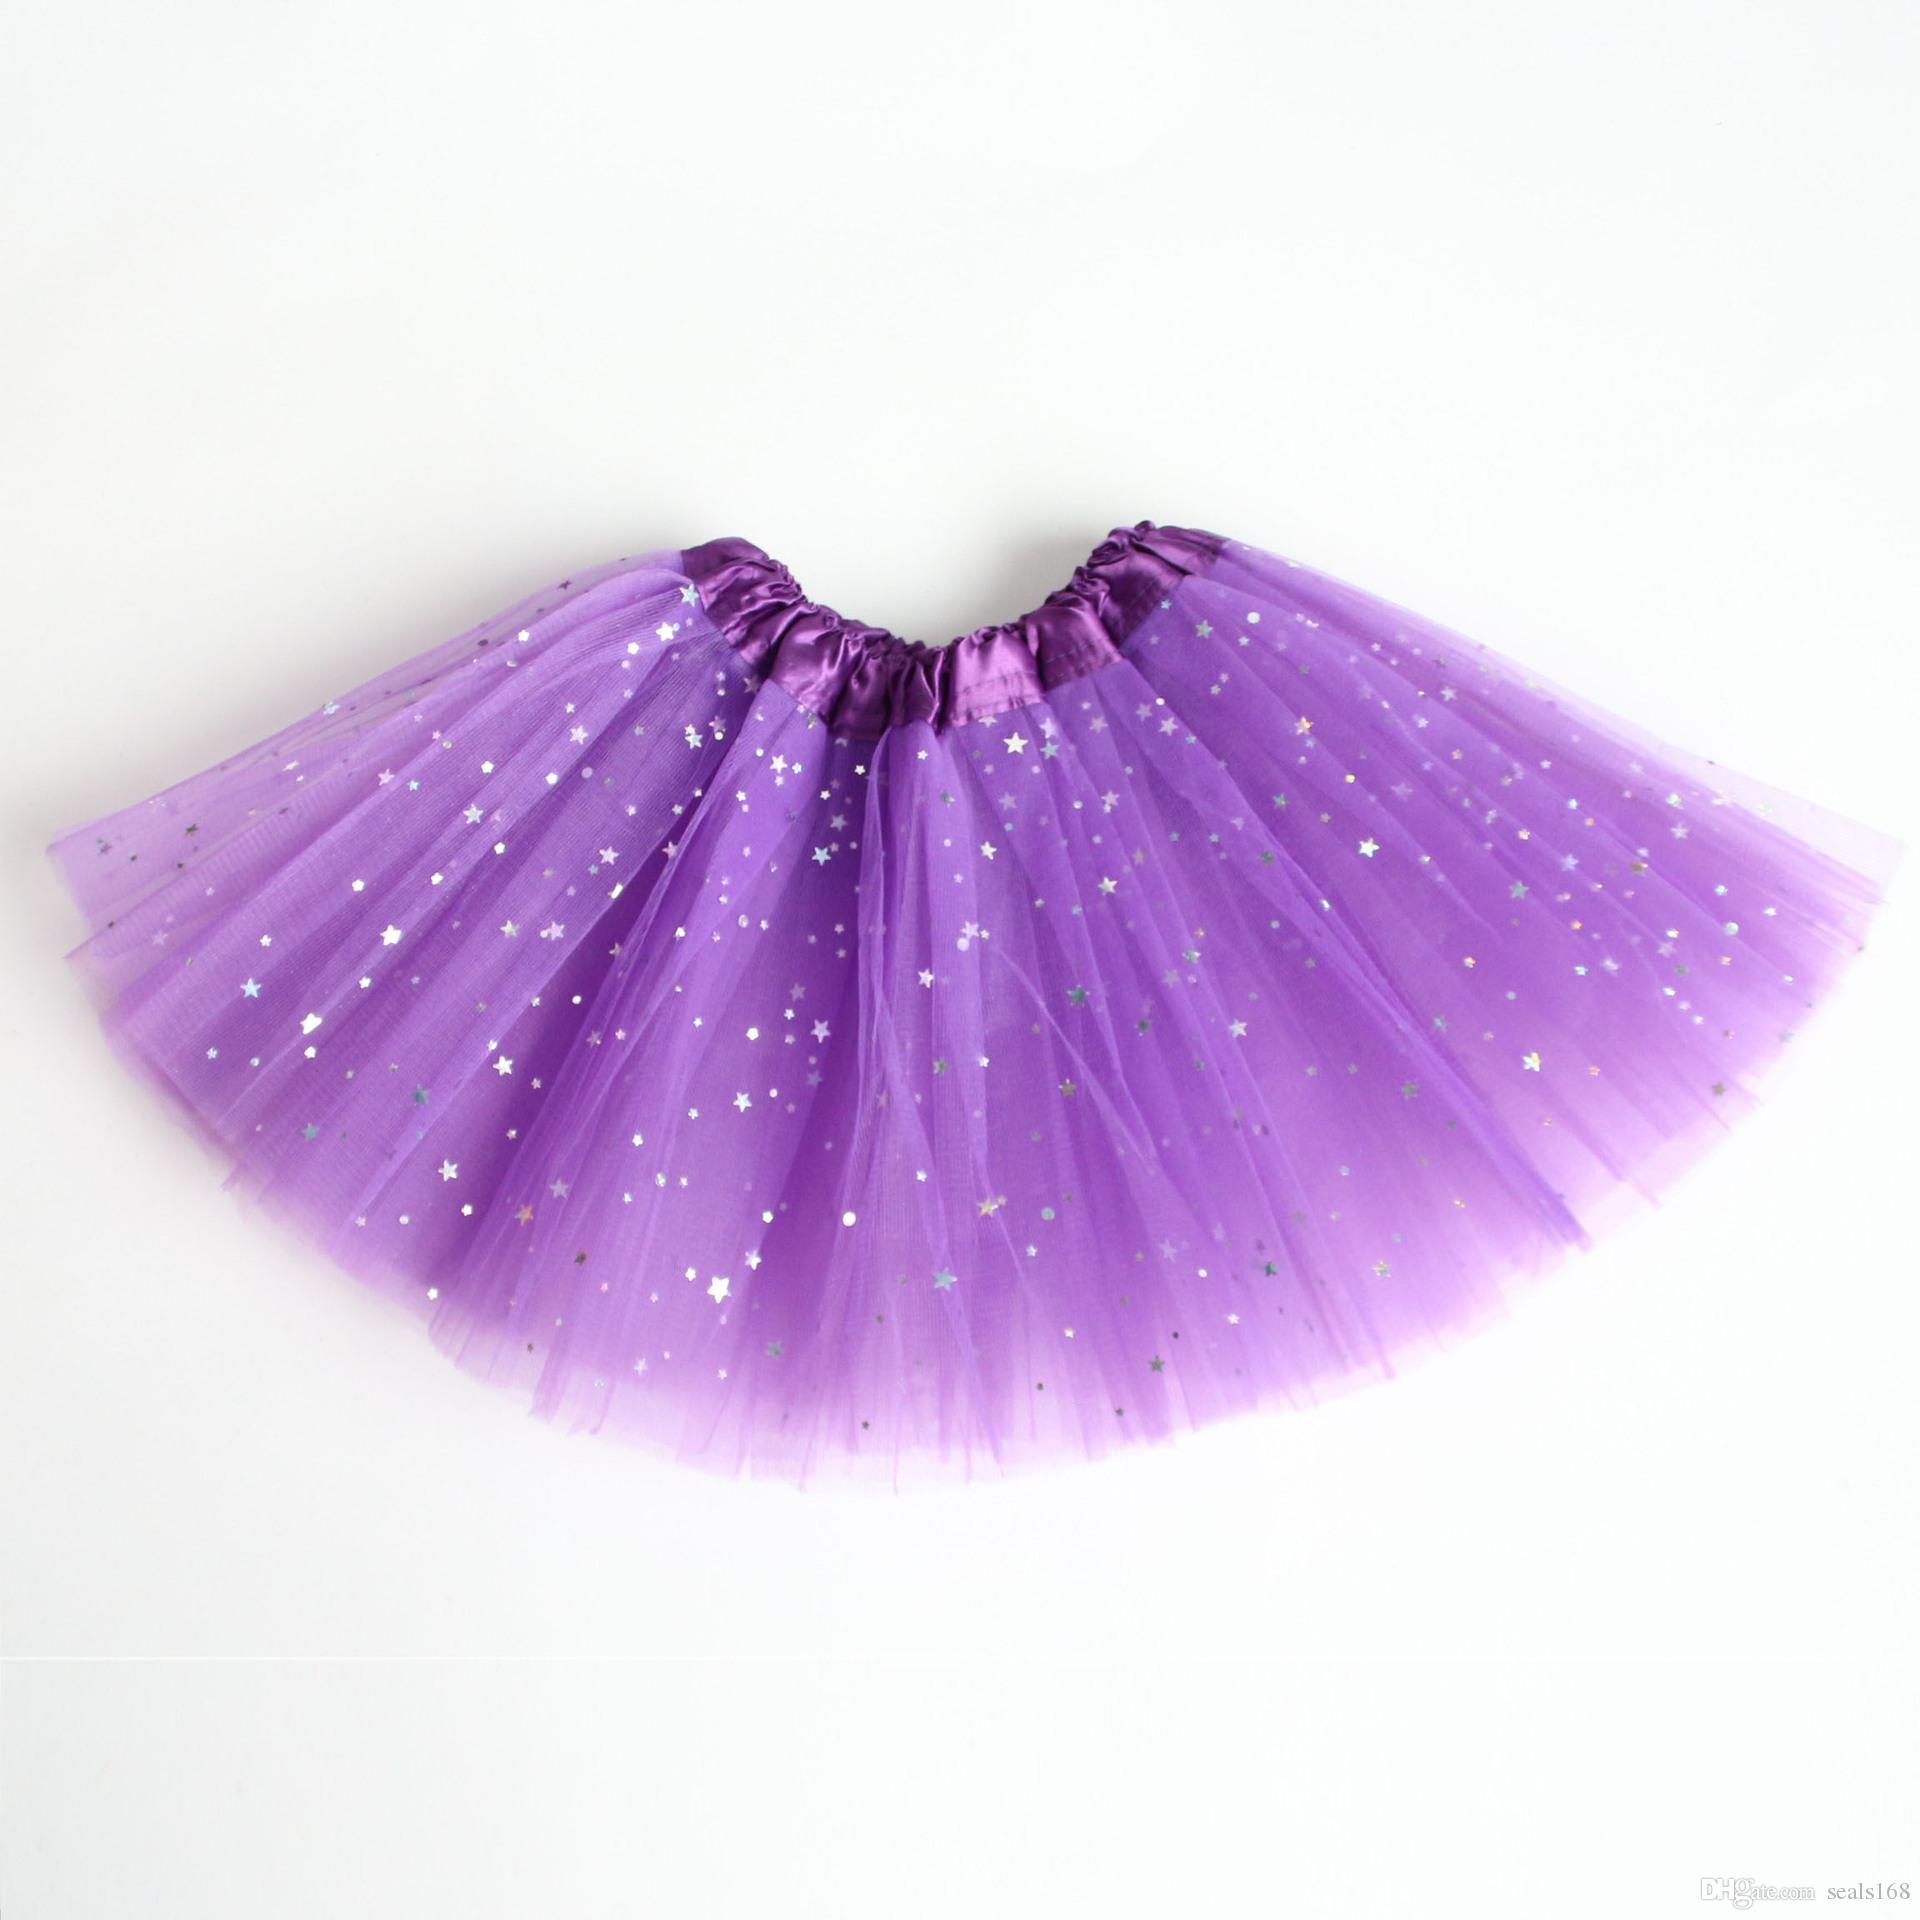 Children Girls Sparkle Glitter Tutu Dress Baby Kids Sequins Stars Lace Dance Ballet Tulle Tutu Skirt Princess Dress Pettiskirts HH-A27